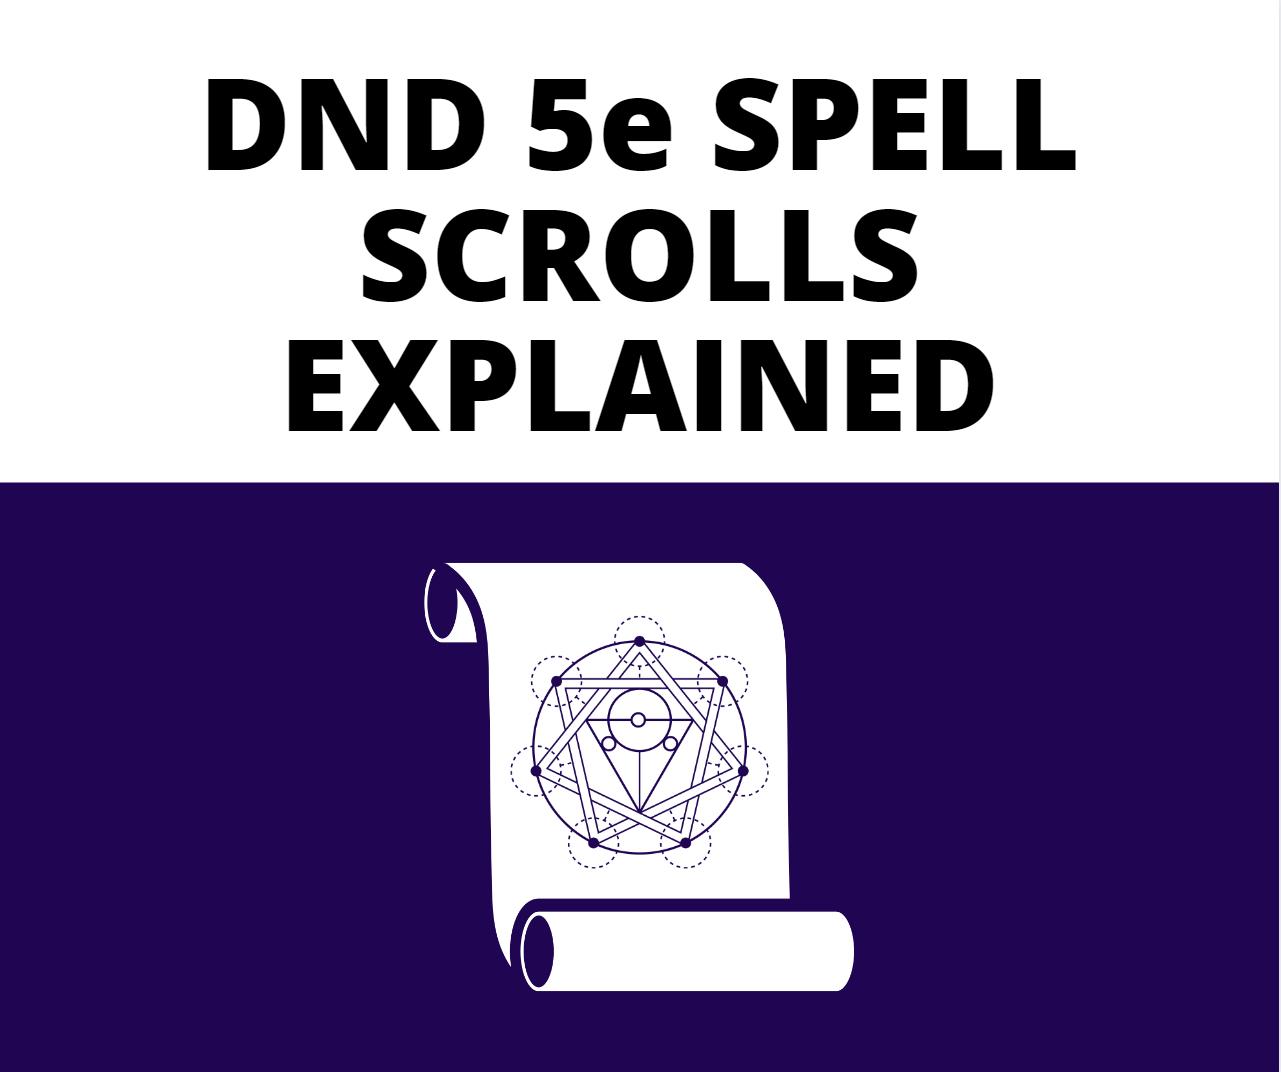 SpellScrolls